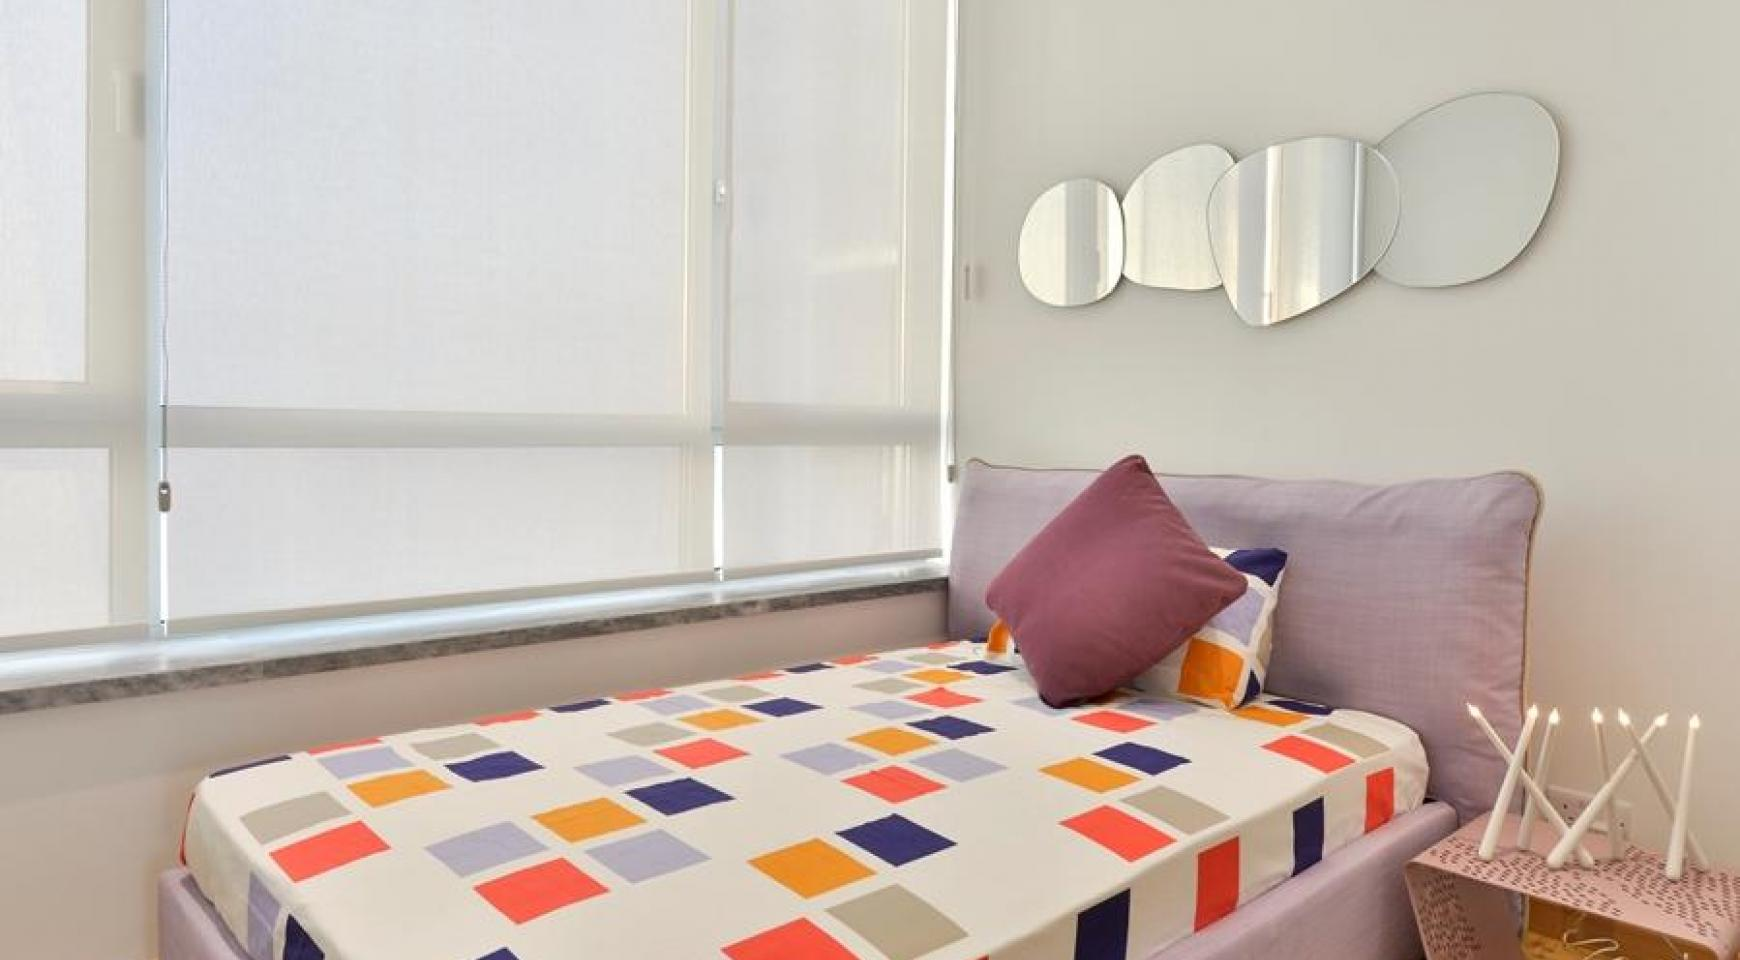 Πολυτελές διαμέρισμα 2 υπνοδωματίων με ταράτσα στο νεόδμητο συγκρότημα - 20